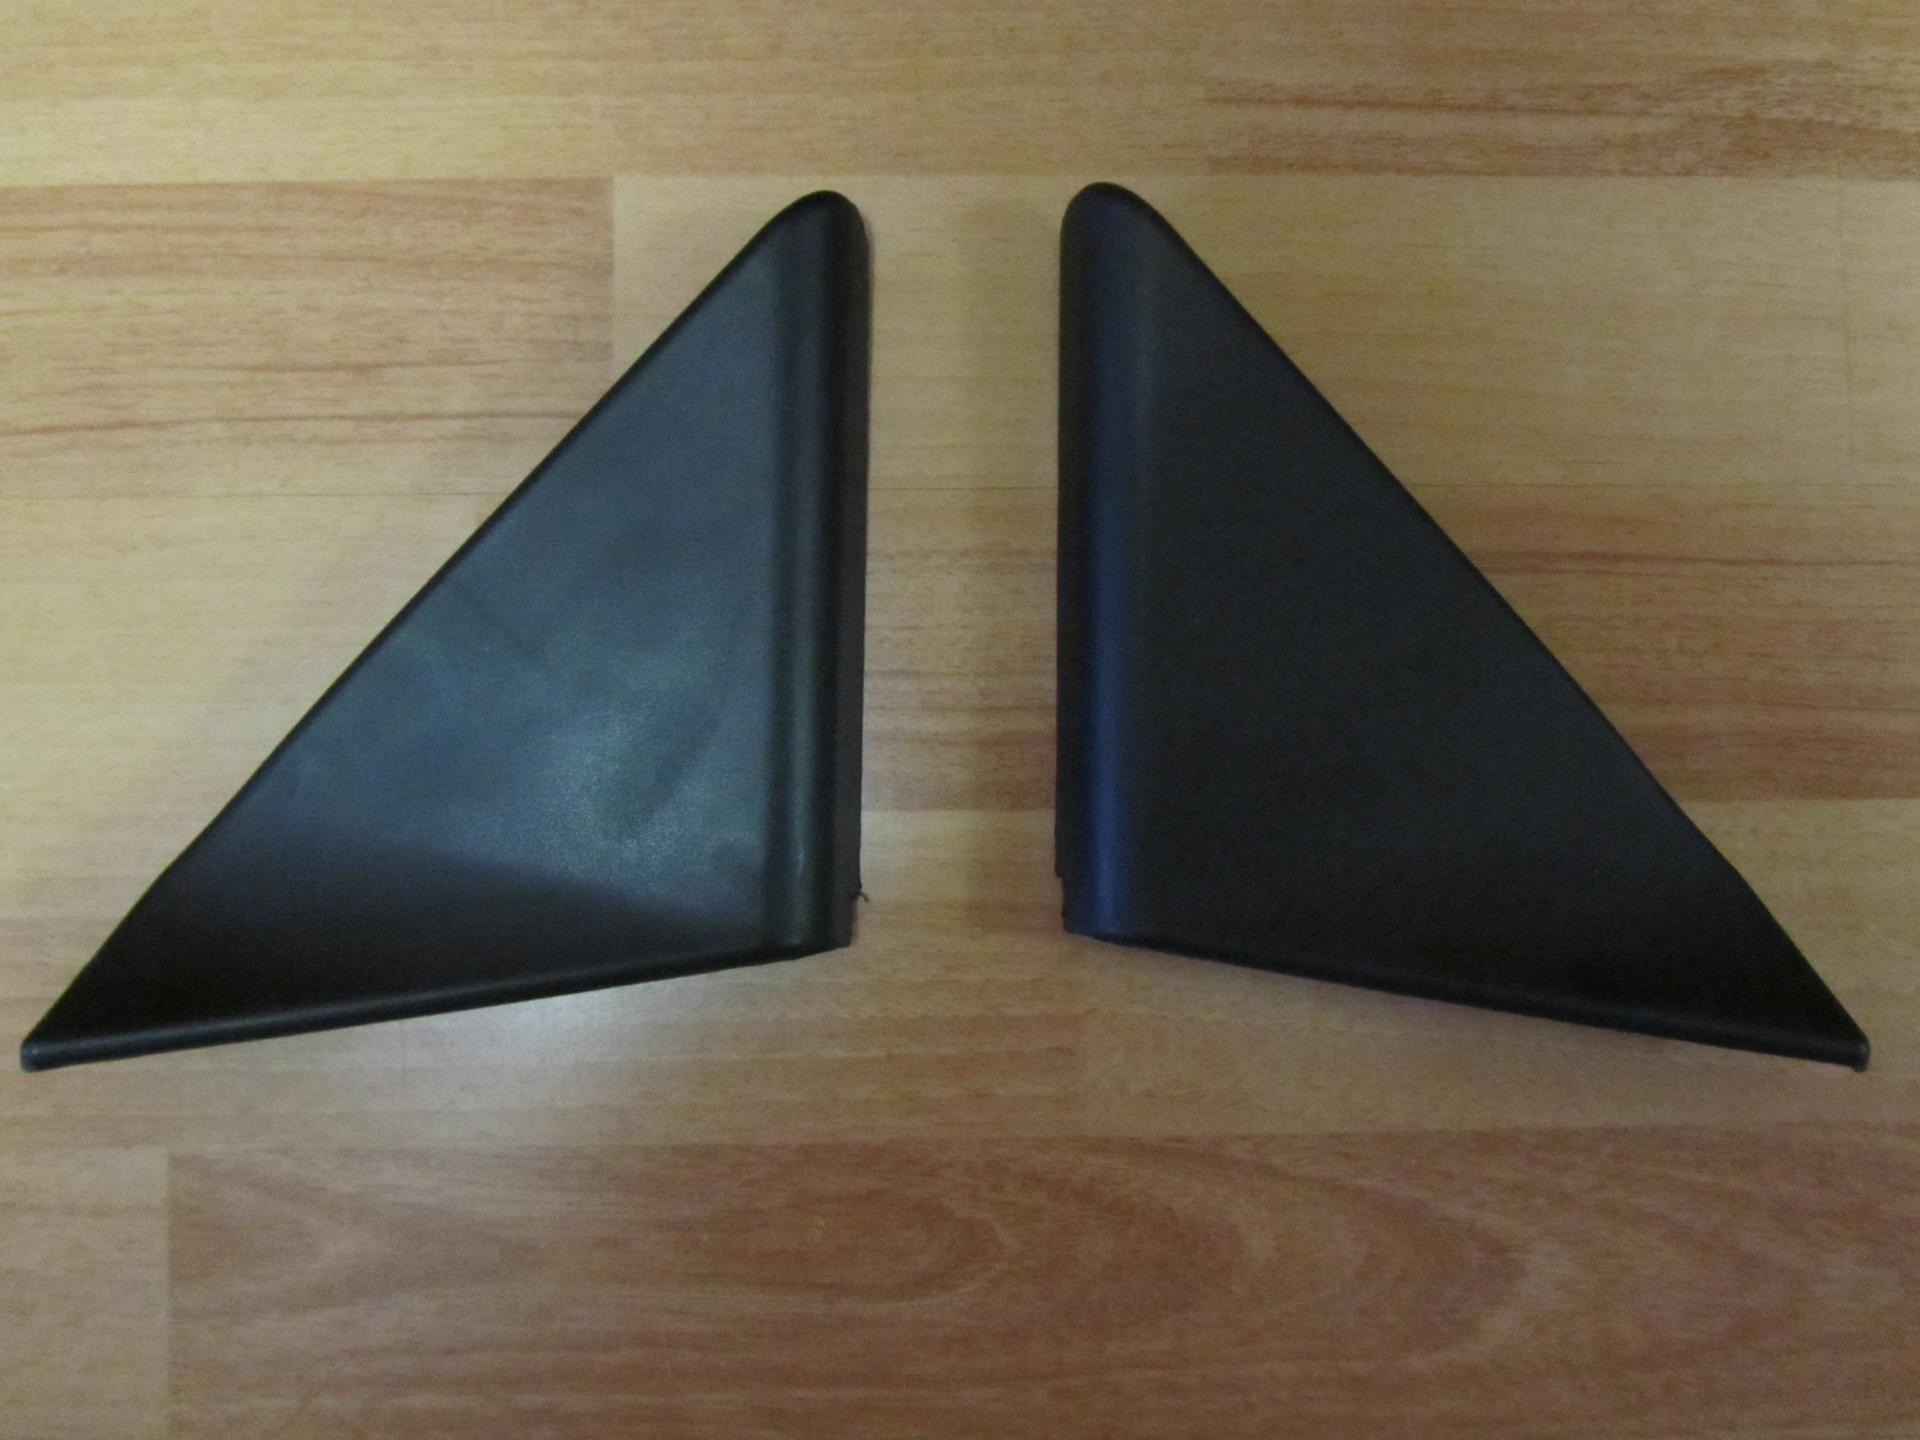 подключение зеркал ипросс логан схема